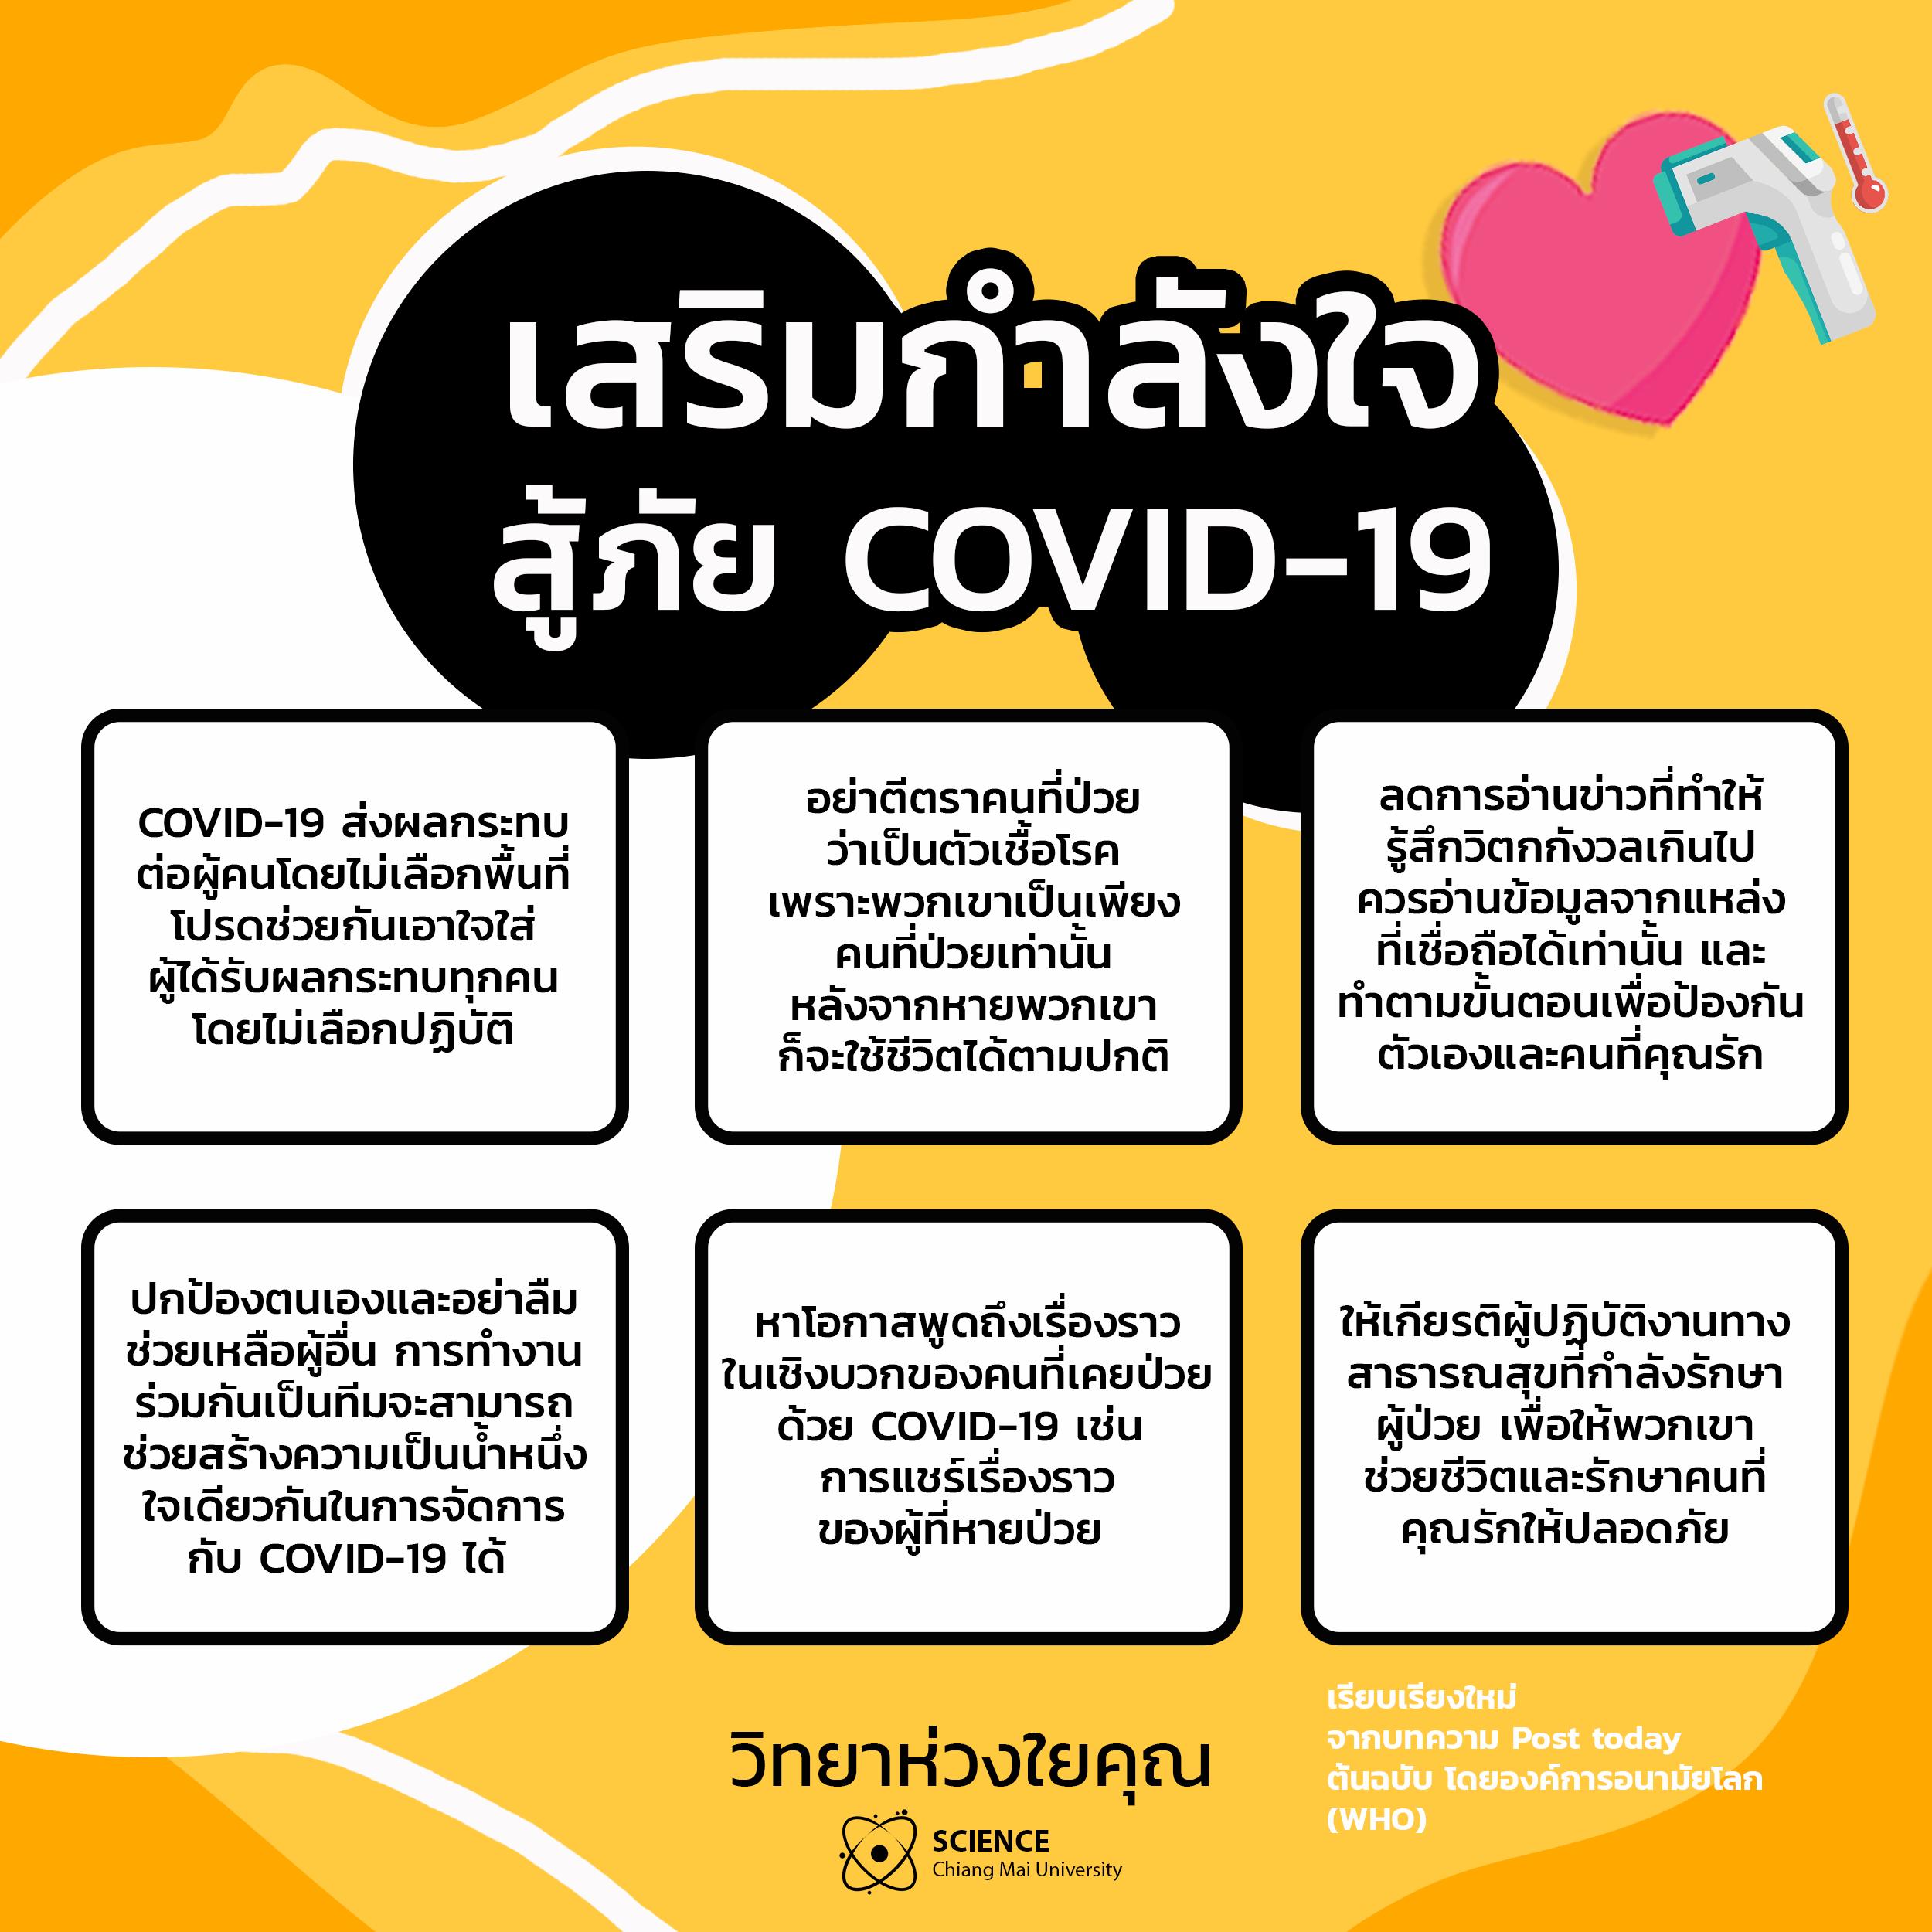 เสริมกำลังใจ สู้ภัย COVID-19